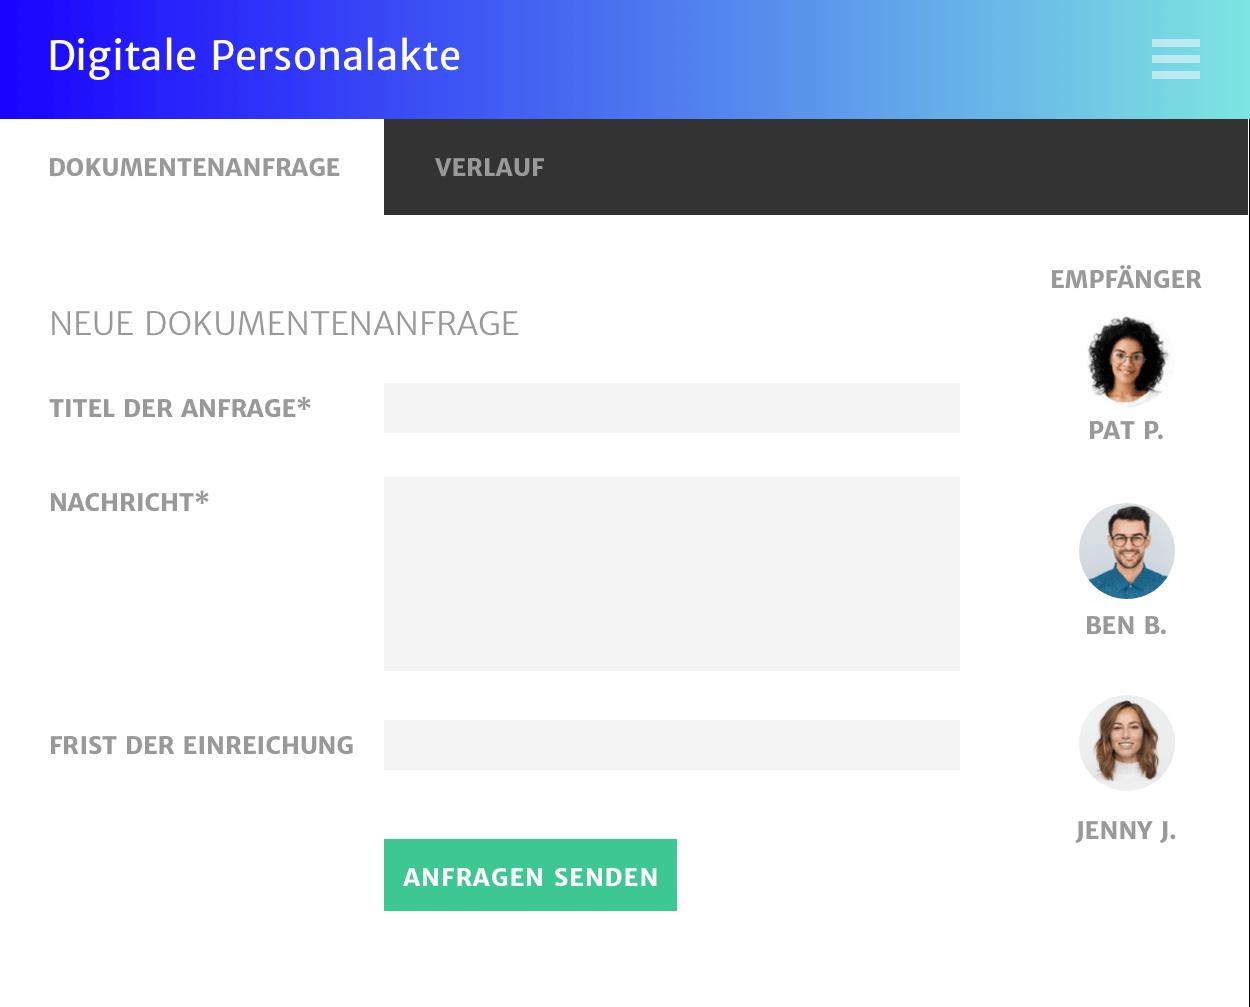 Kommunikation über alle Abteilungen hinweg – Haufe Digitale Personalakte